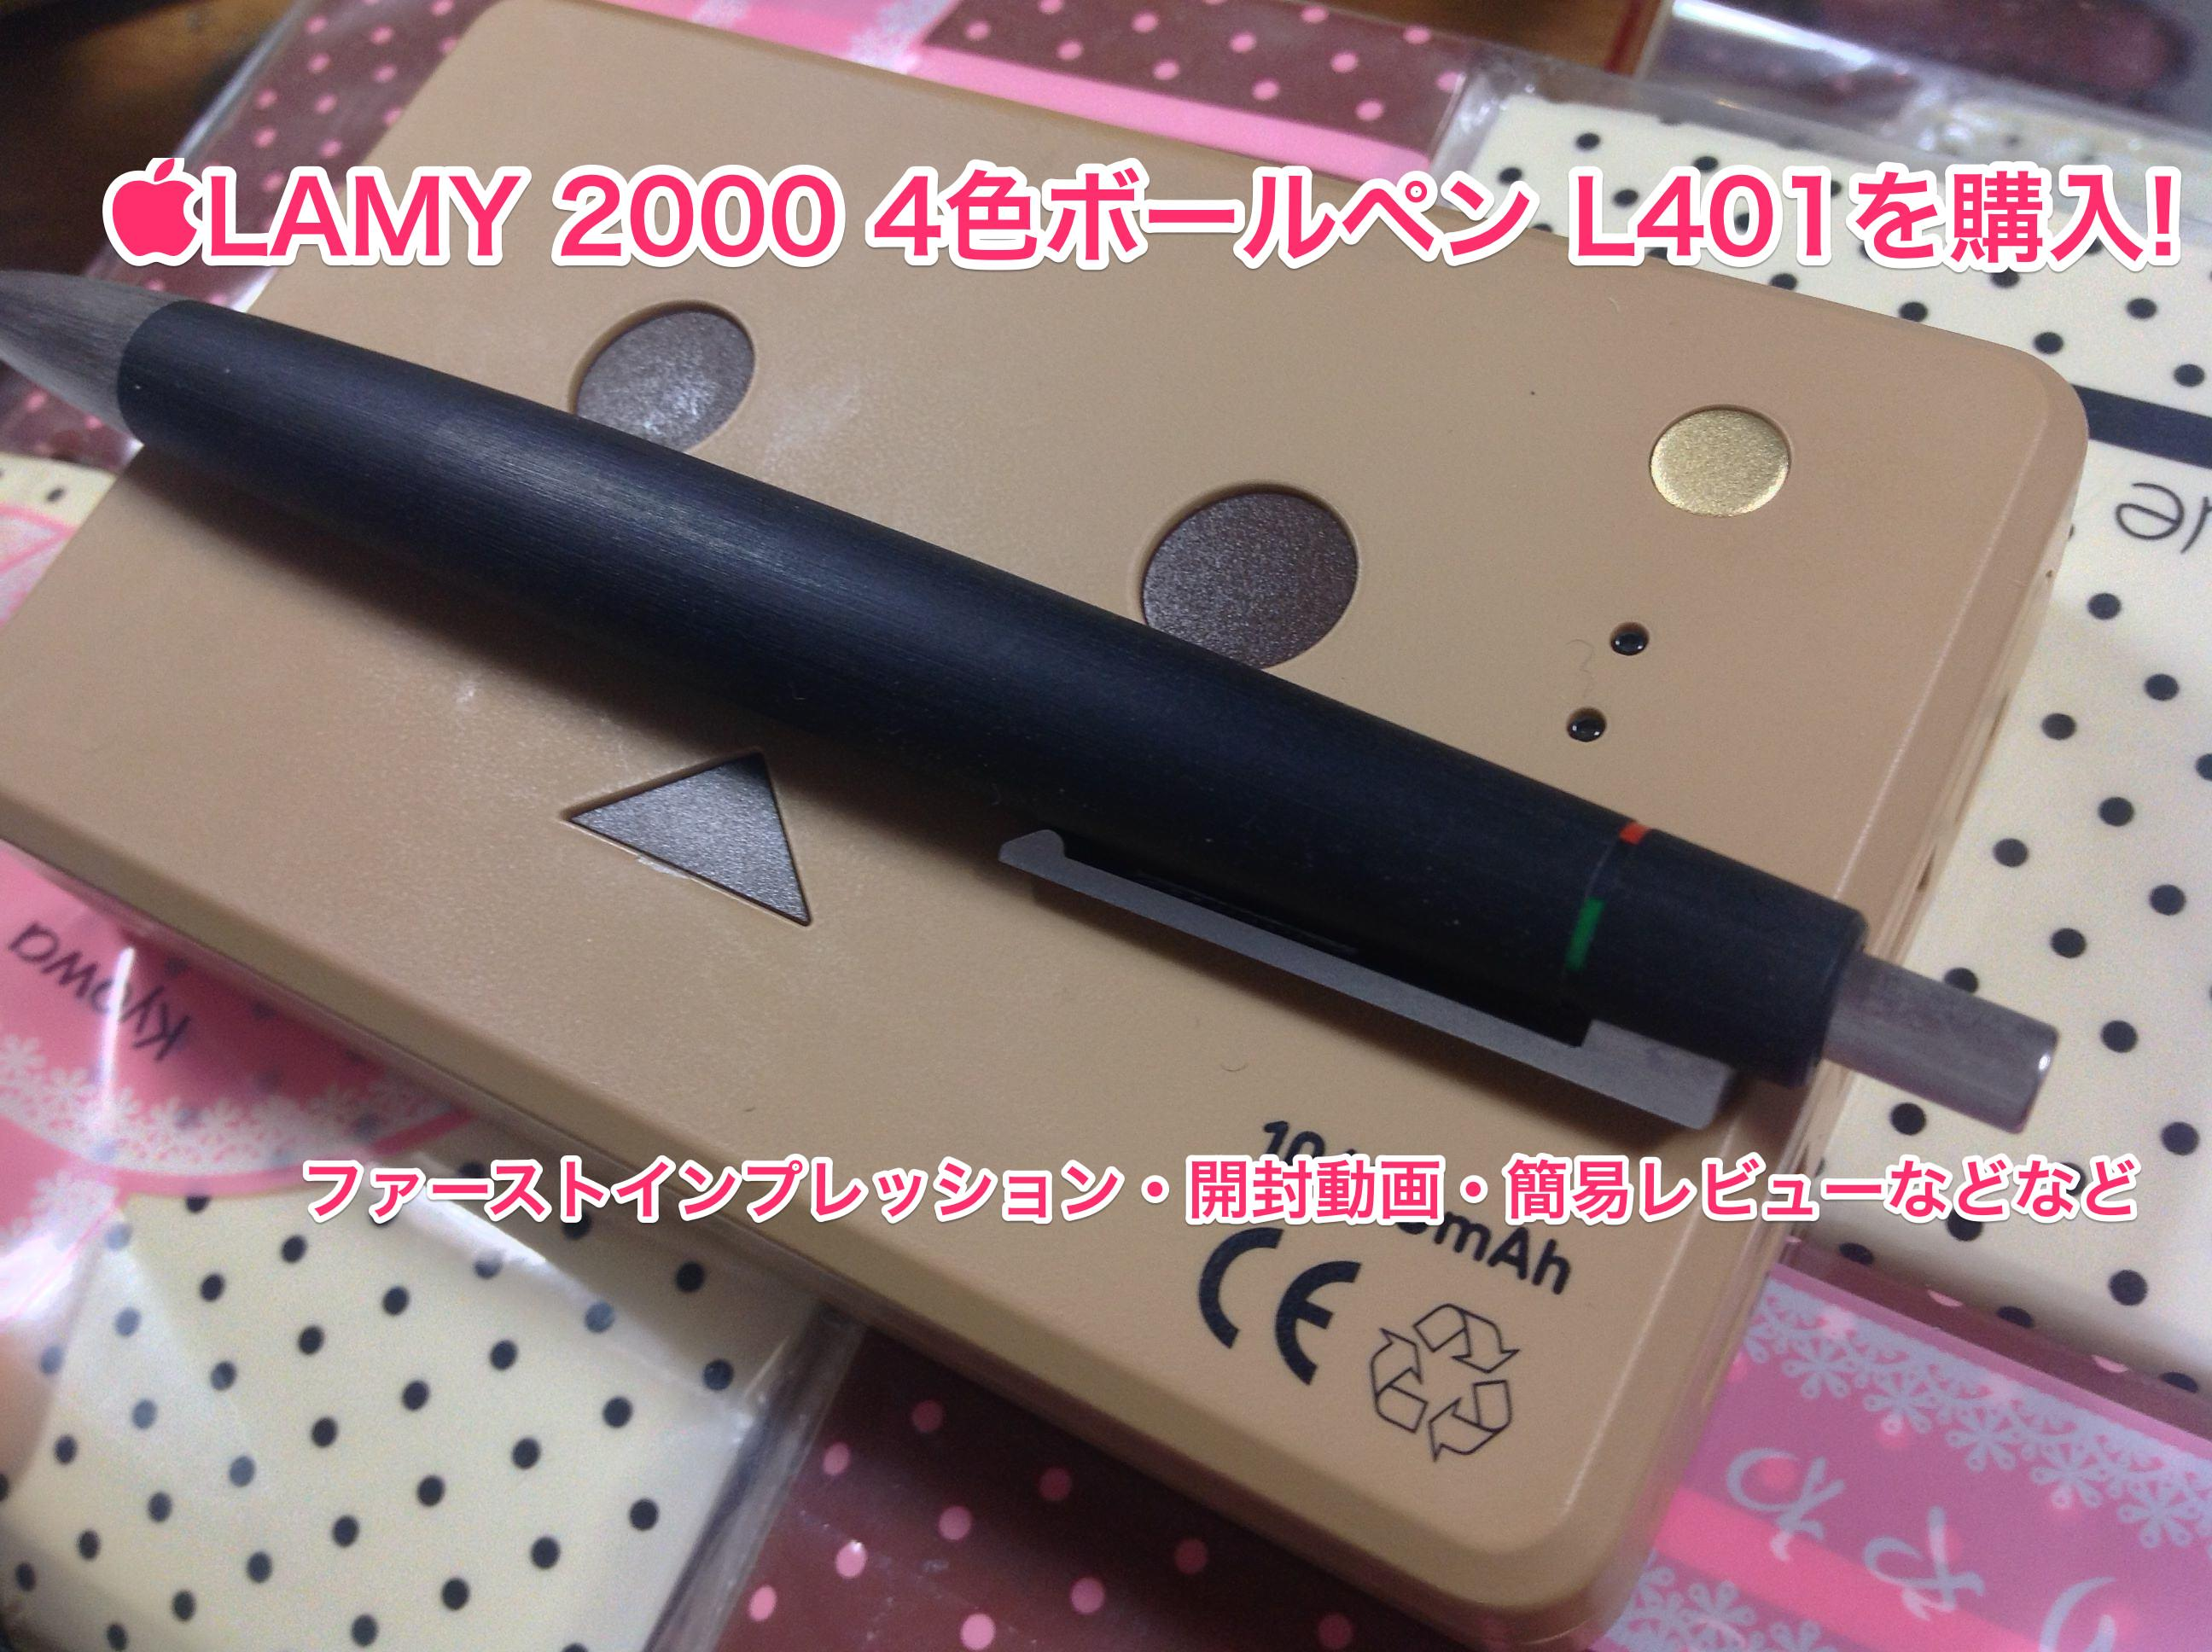 LAMY2000 4色ボールペン L401を購入したので、ブログとYoutubeで簡易レビュー!